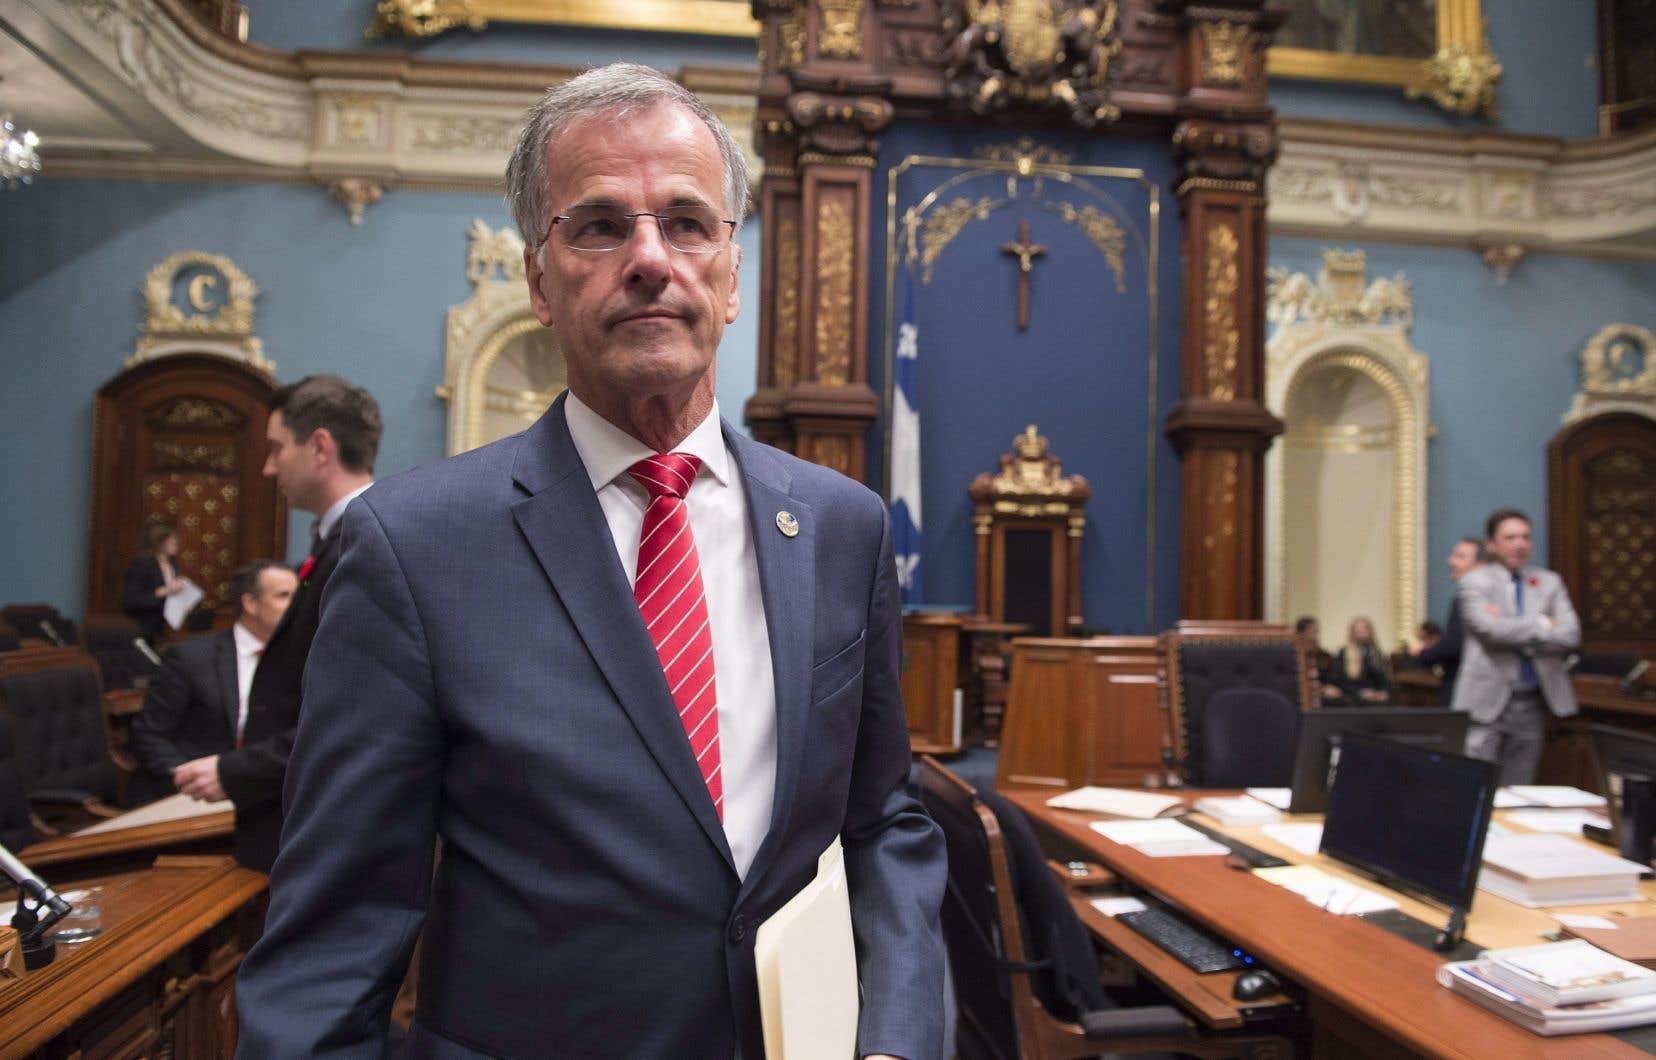 Le premier ministre, Philippe Couillard, a confirmé que Guy Ouellette demeurait — pour l'instant — exclu du caucus.